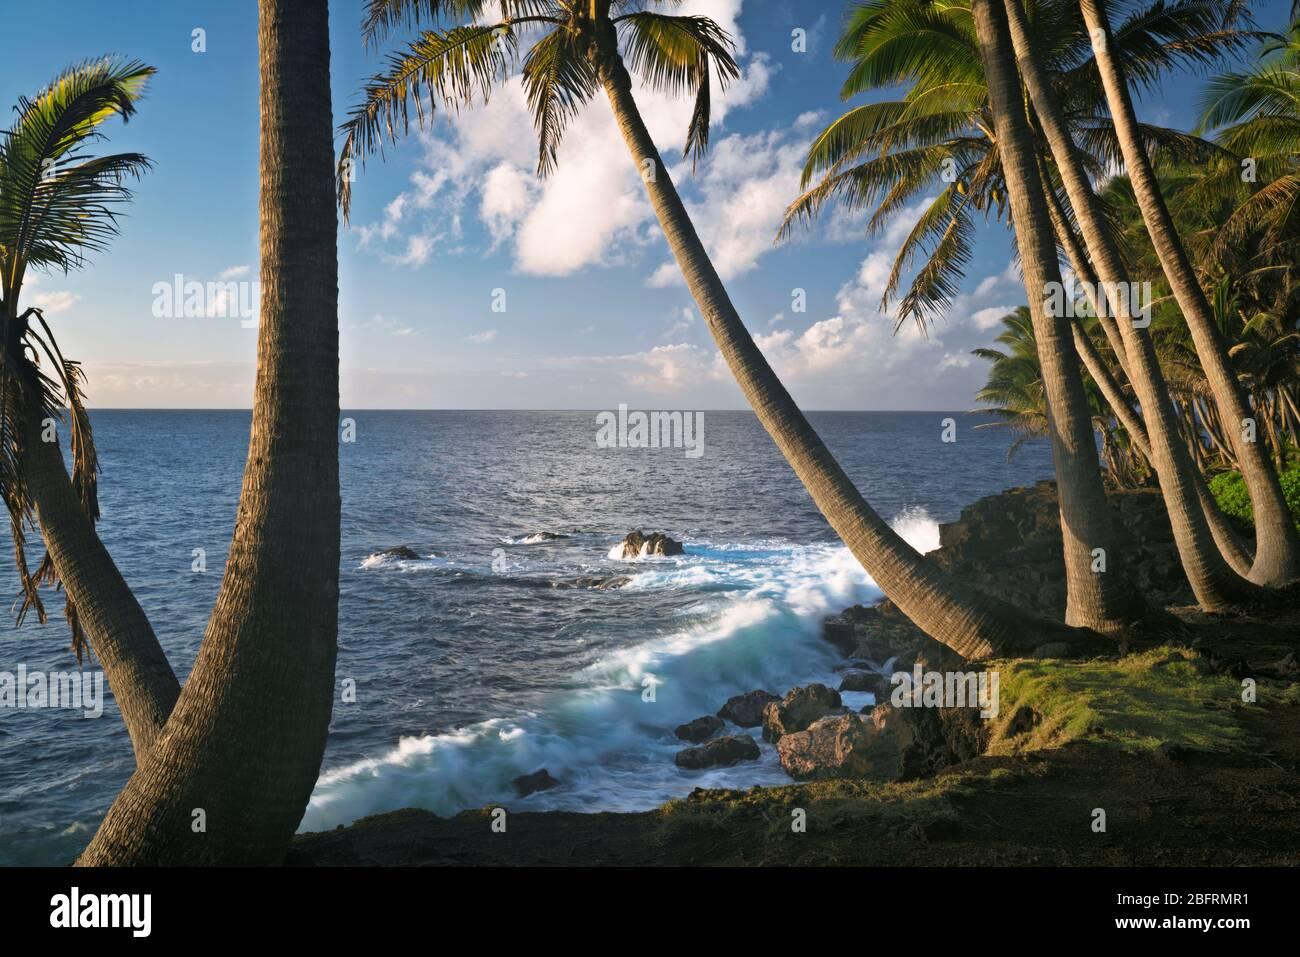 Mágica luz de la mañana a lo largo de la costa bordeada de palmeras Puna en la Gran Isla de Hawai. Foto de stock